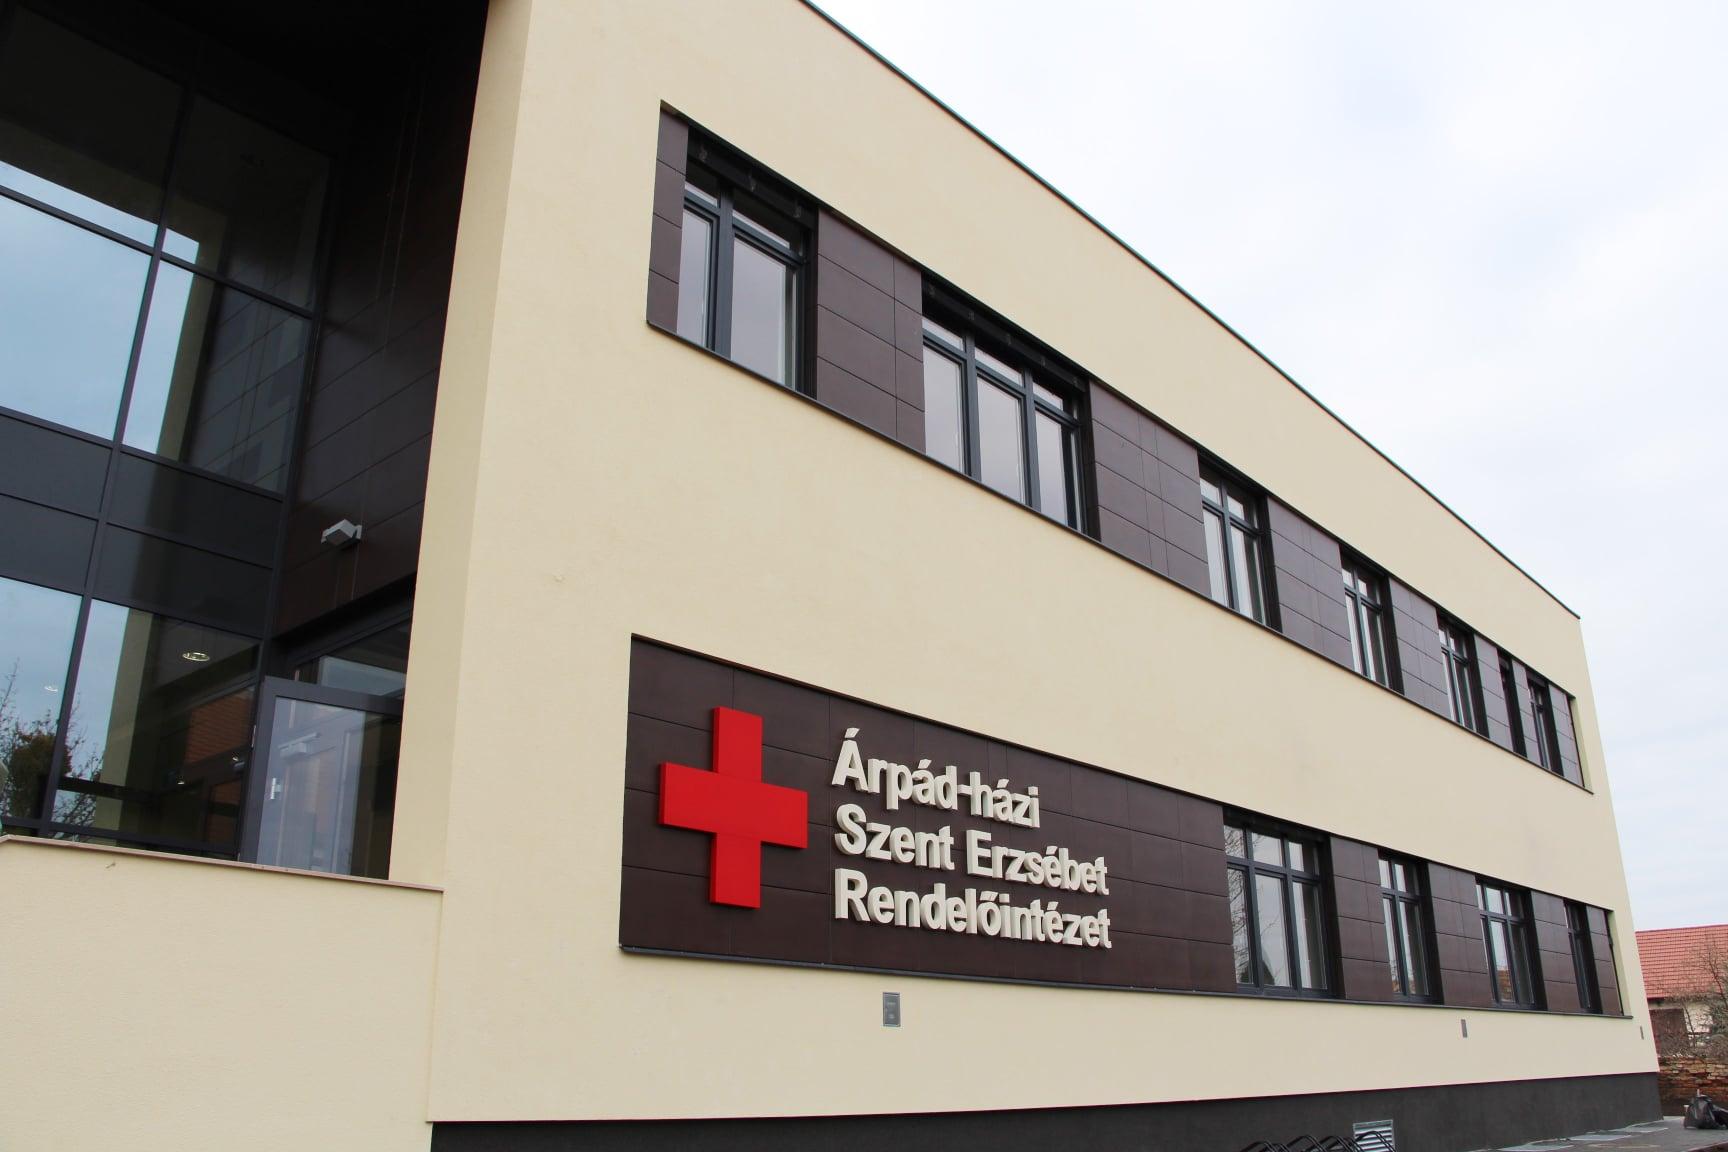 Két hétre bezár a tatai kórház, mert a szakorvosait Tatabányára irányították át, annyi ott a koronavírusos beteg